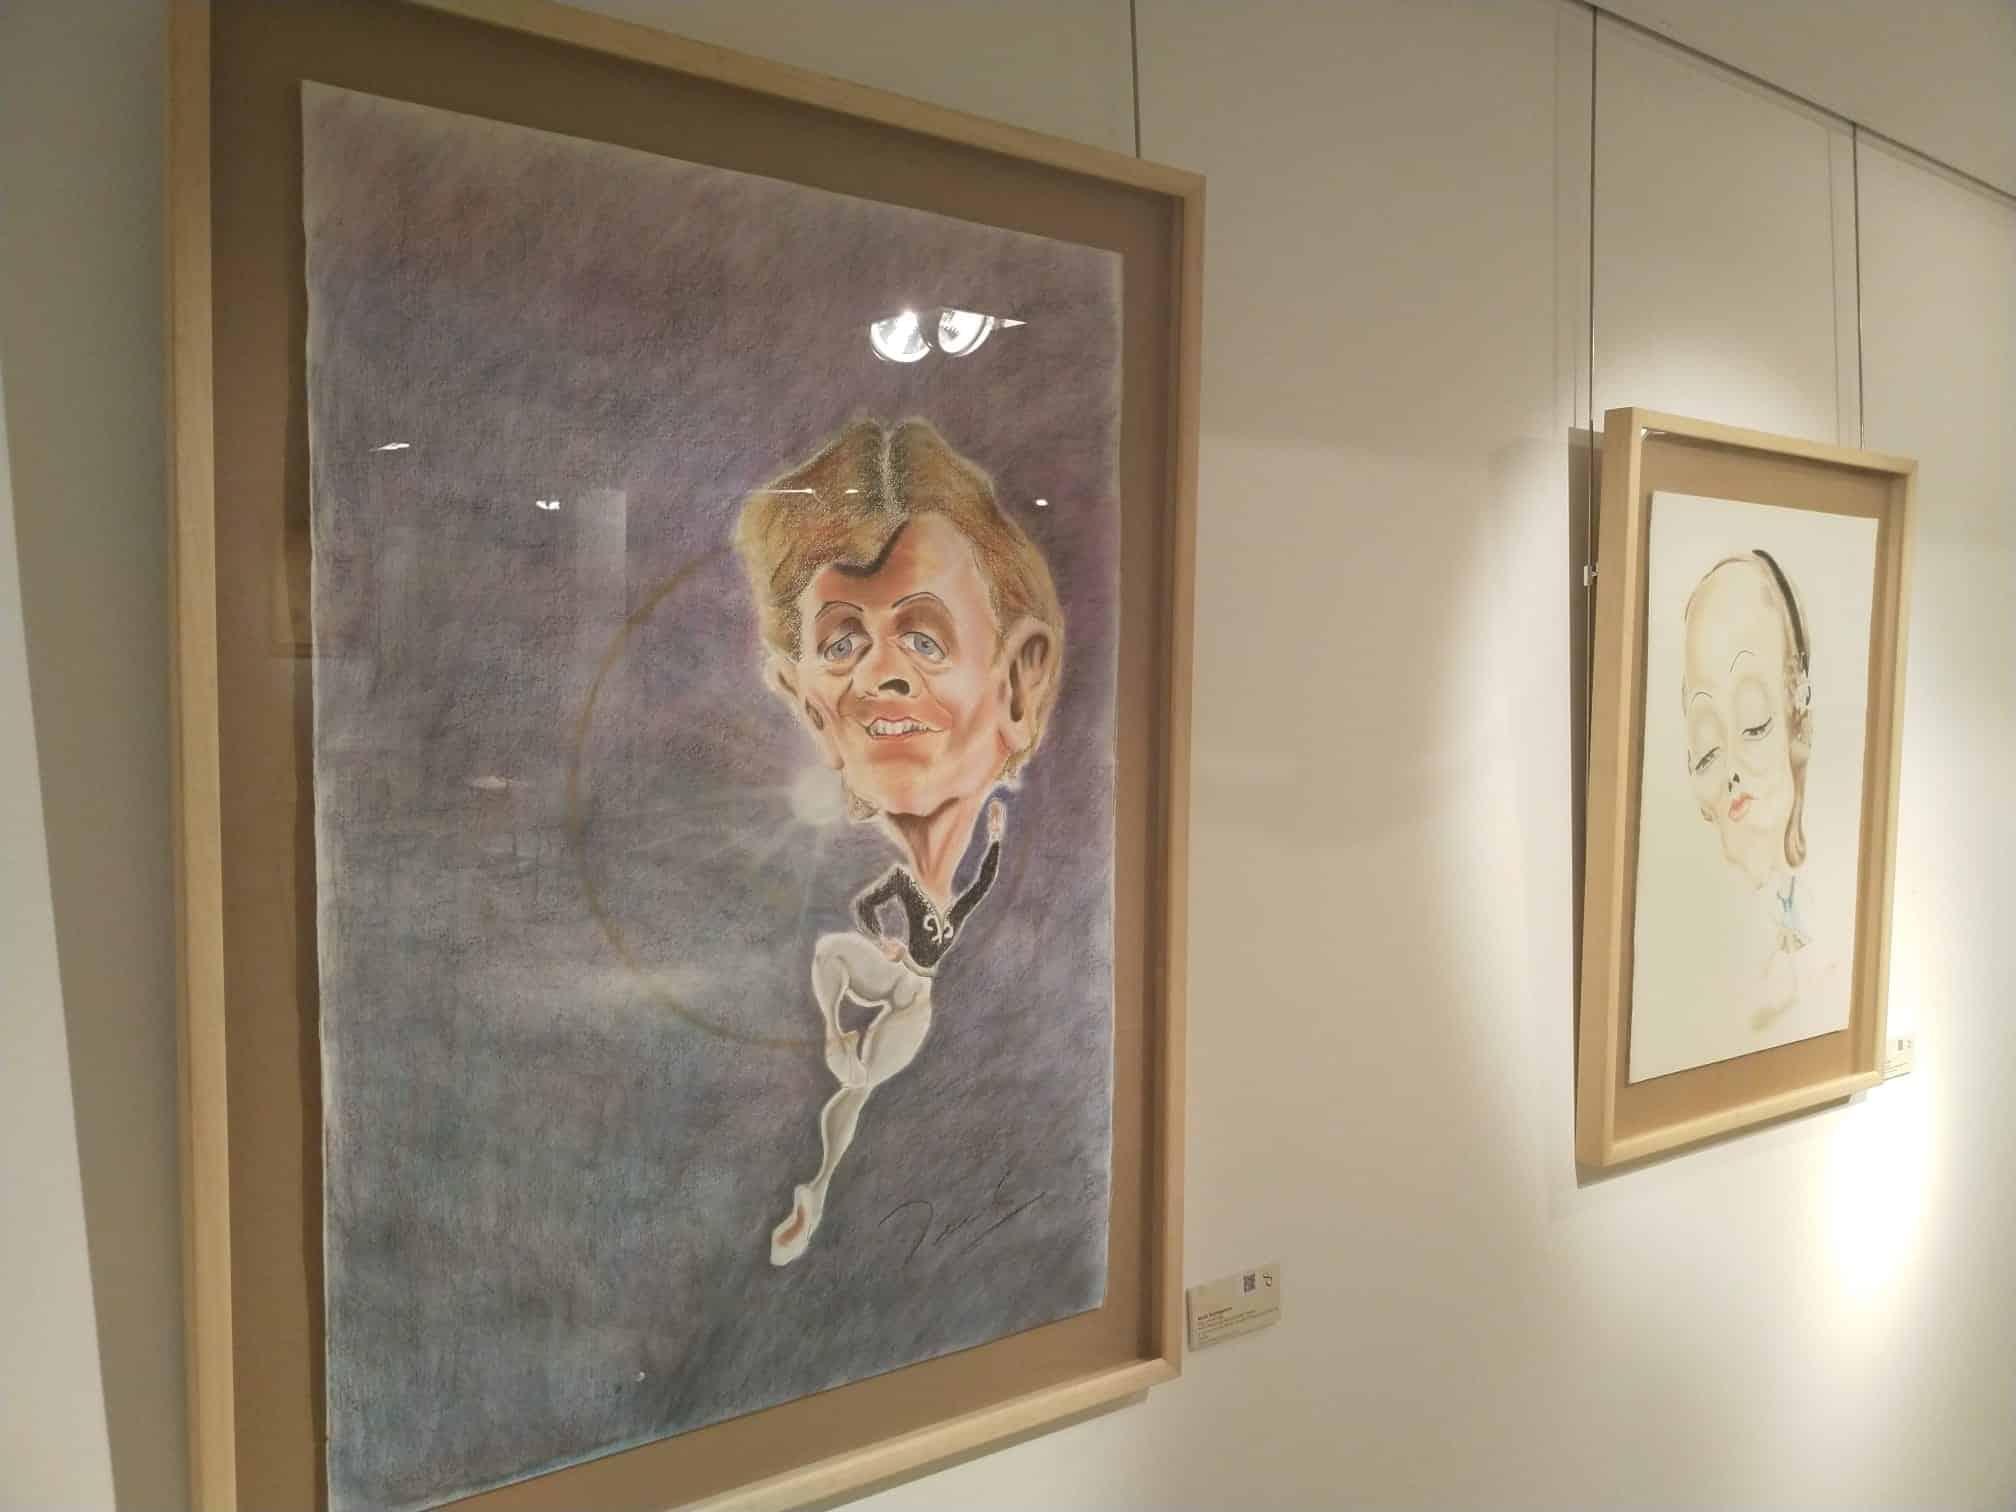 El Centro Fundación Caja Rioja-Bankia de Santo Domingo acoge una exposición de caricaturas de Fredy Rodríguez 2